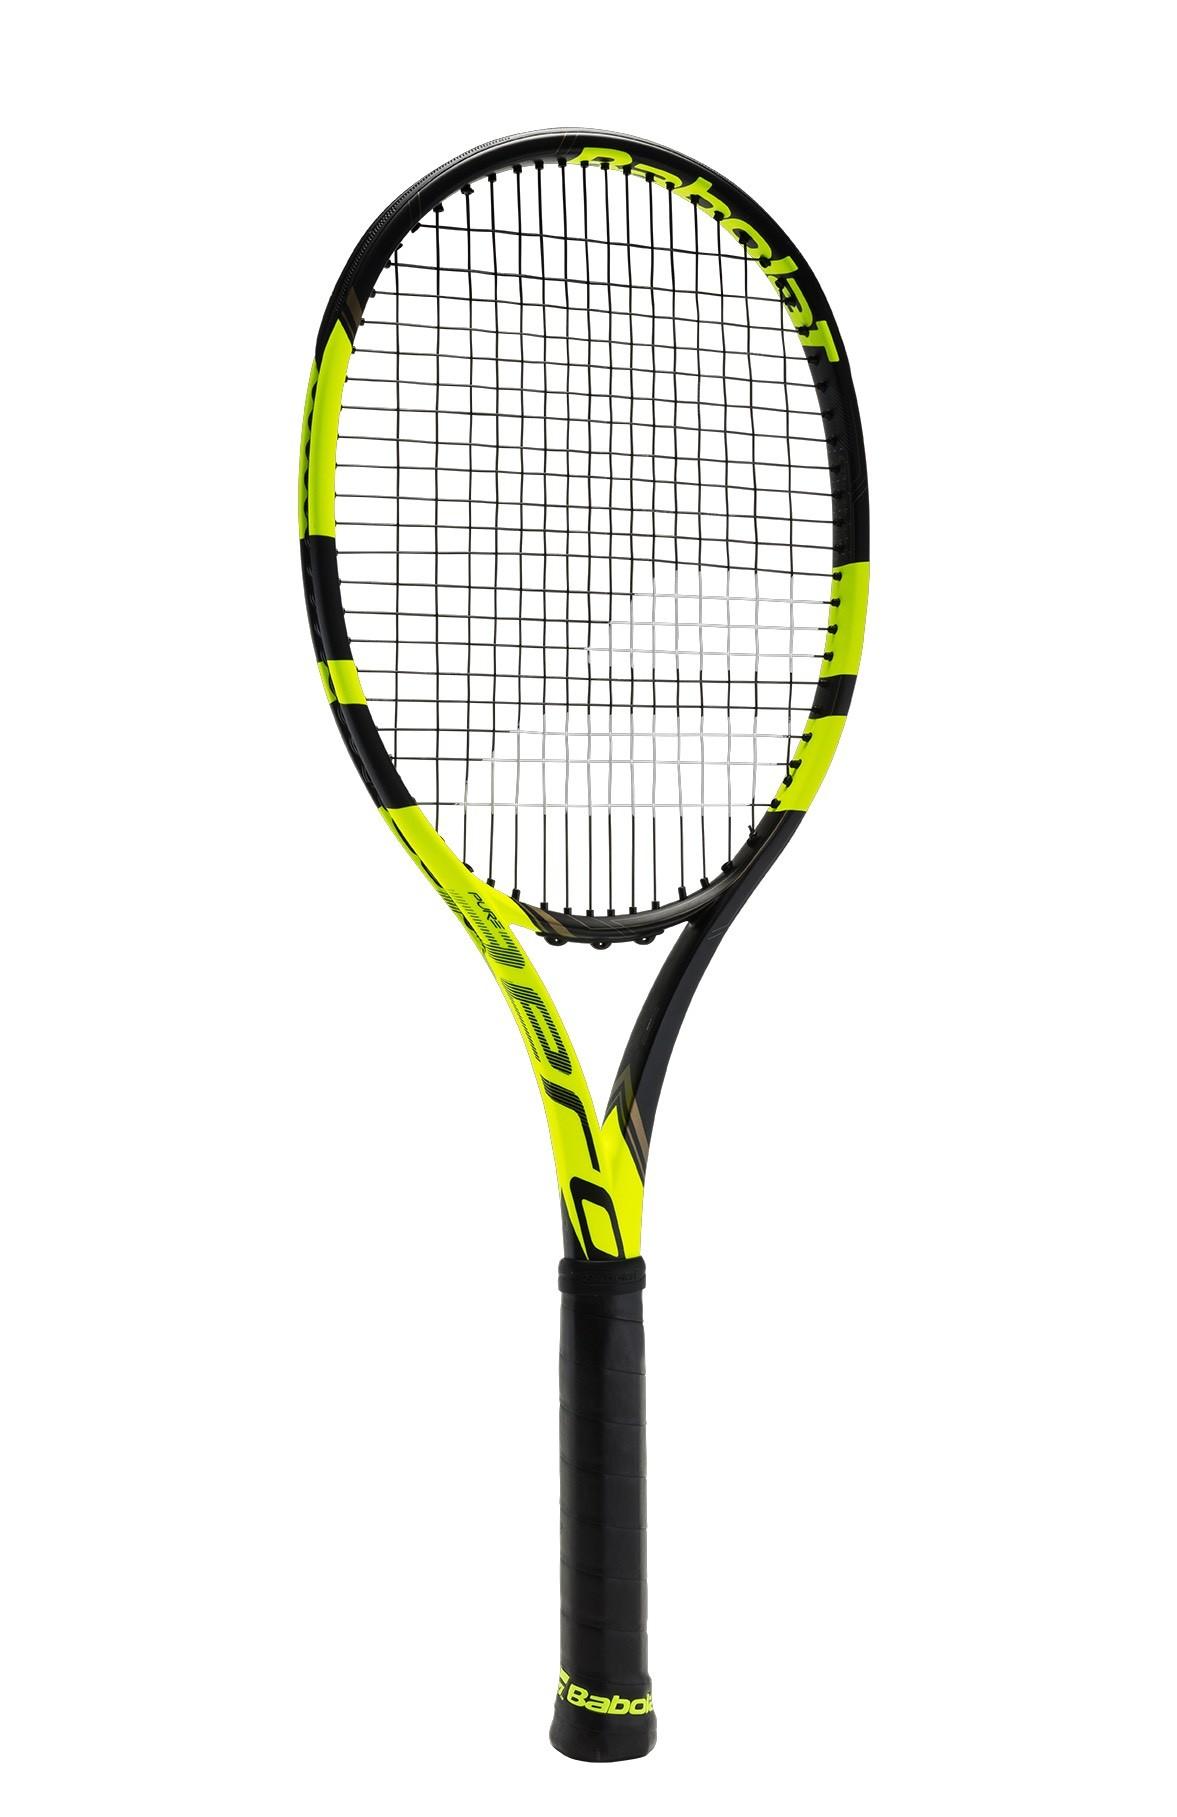 Rakieta tenisowa Babolat Pure Aero VS + wyprzedaż!